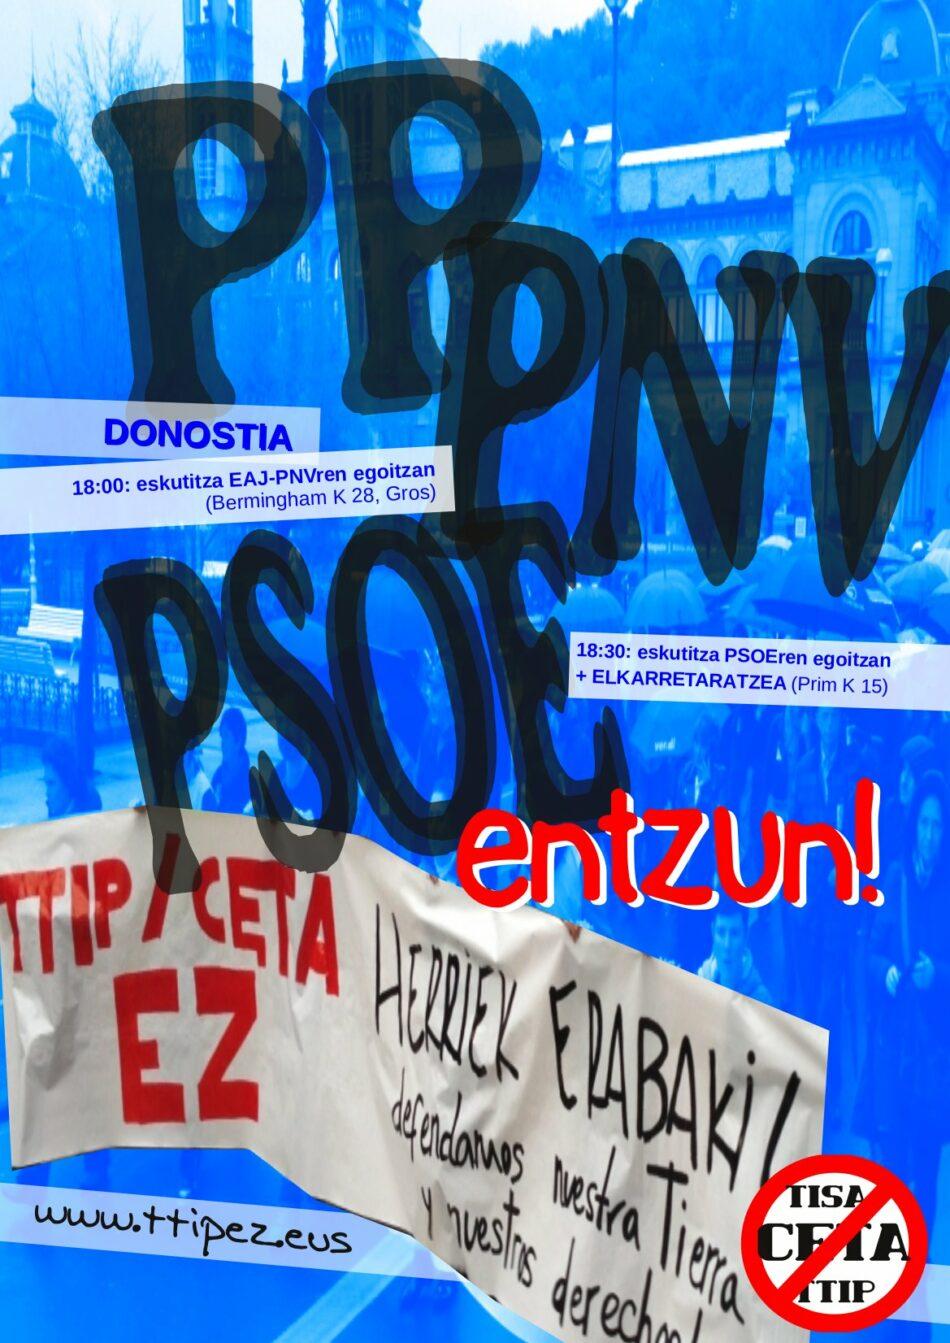 Diputatuen Kongresuan CETAren berrespenaren aurka bozkatzeko eskaera